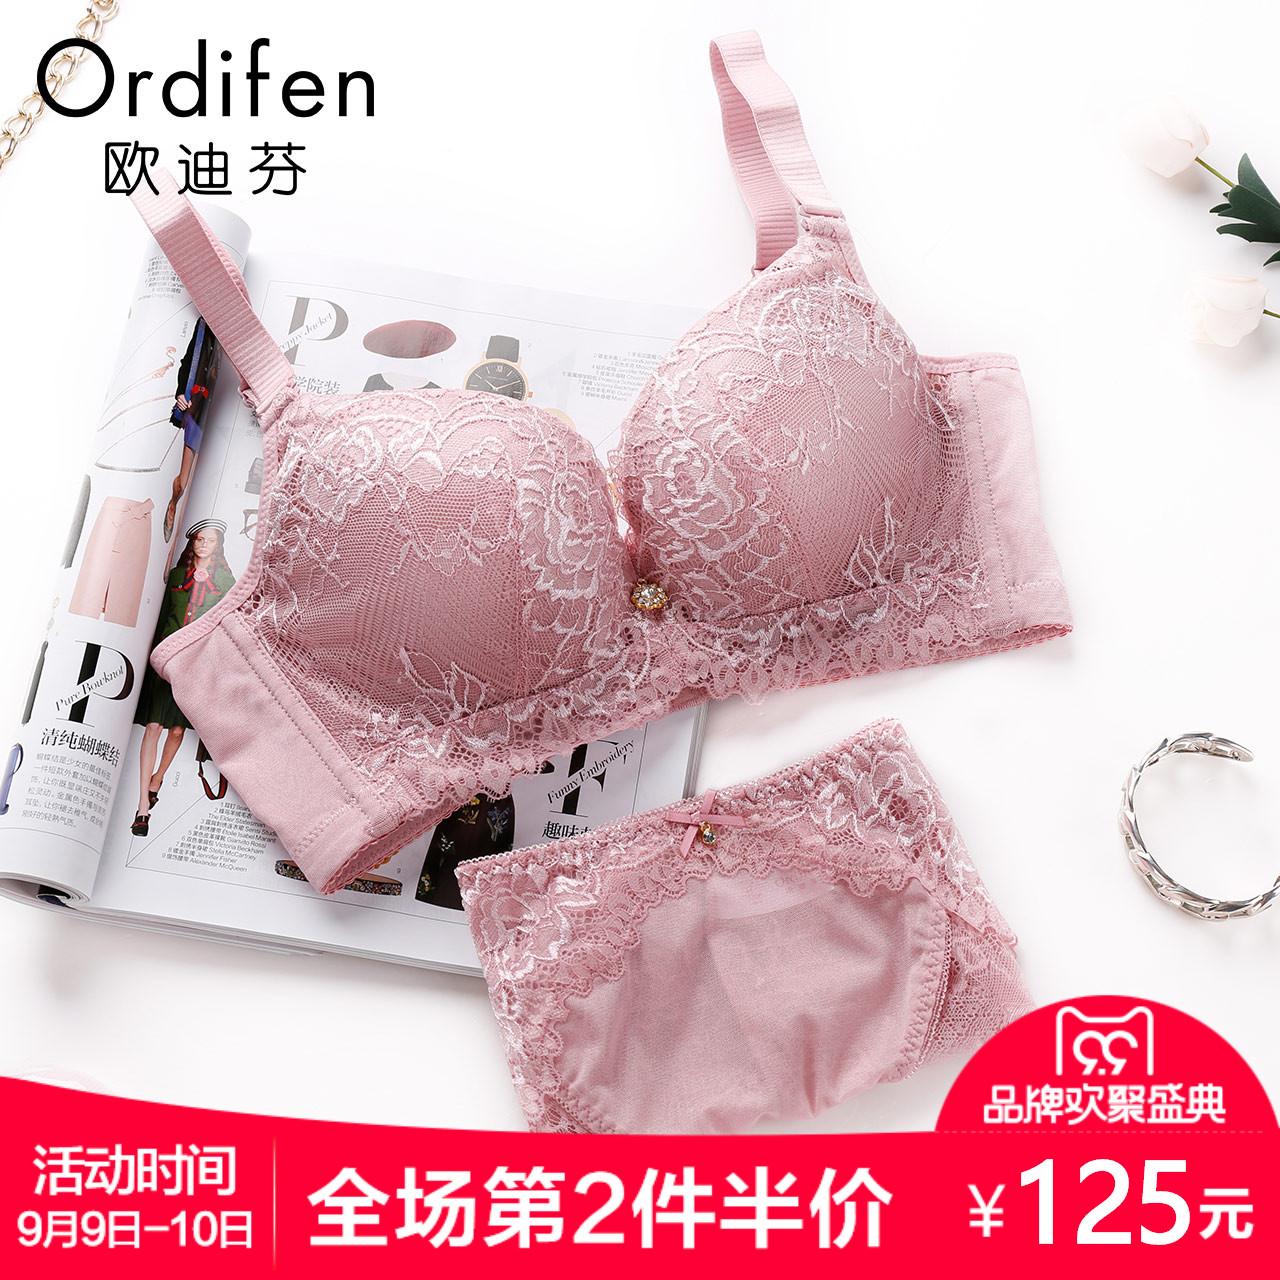 欧迪芬蕾丝深V性感内衣女聚拢文胸美背调整型小胸罩收副乳XB6106